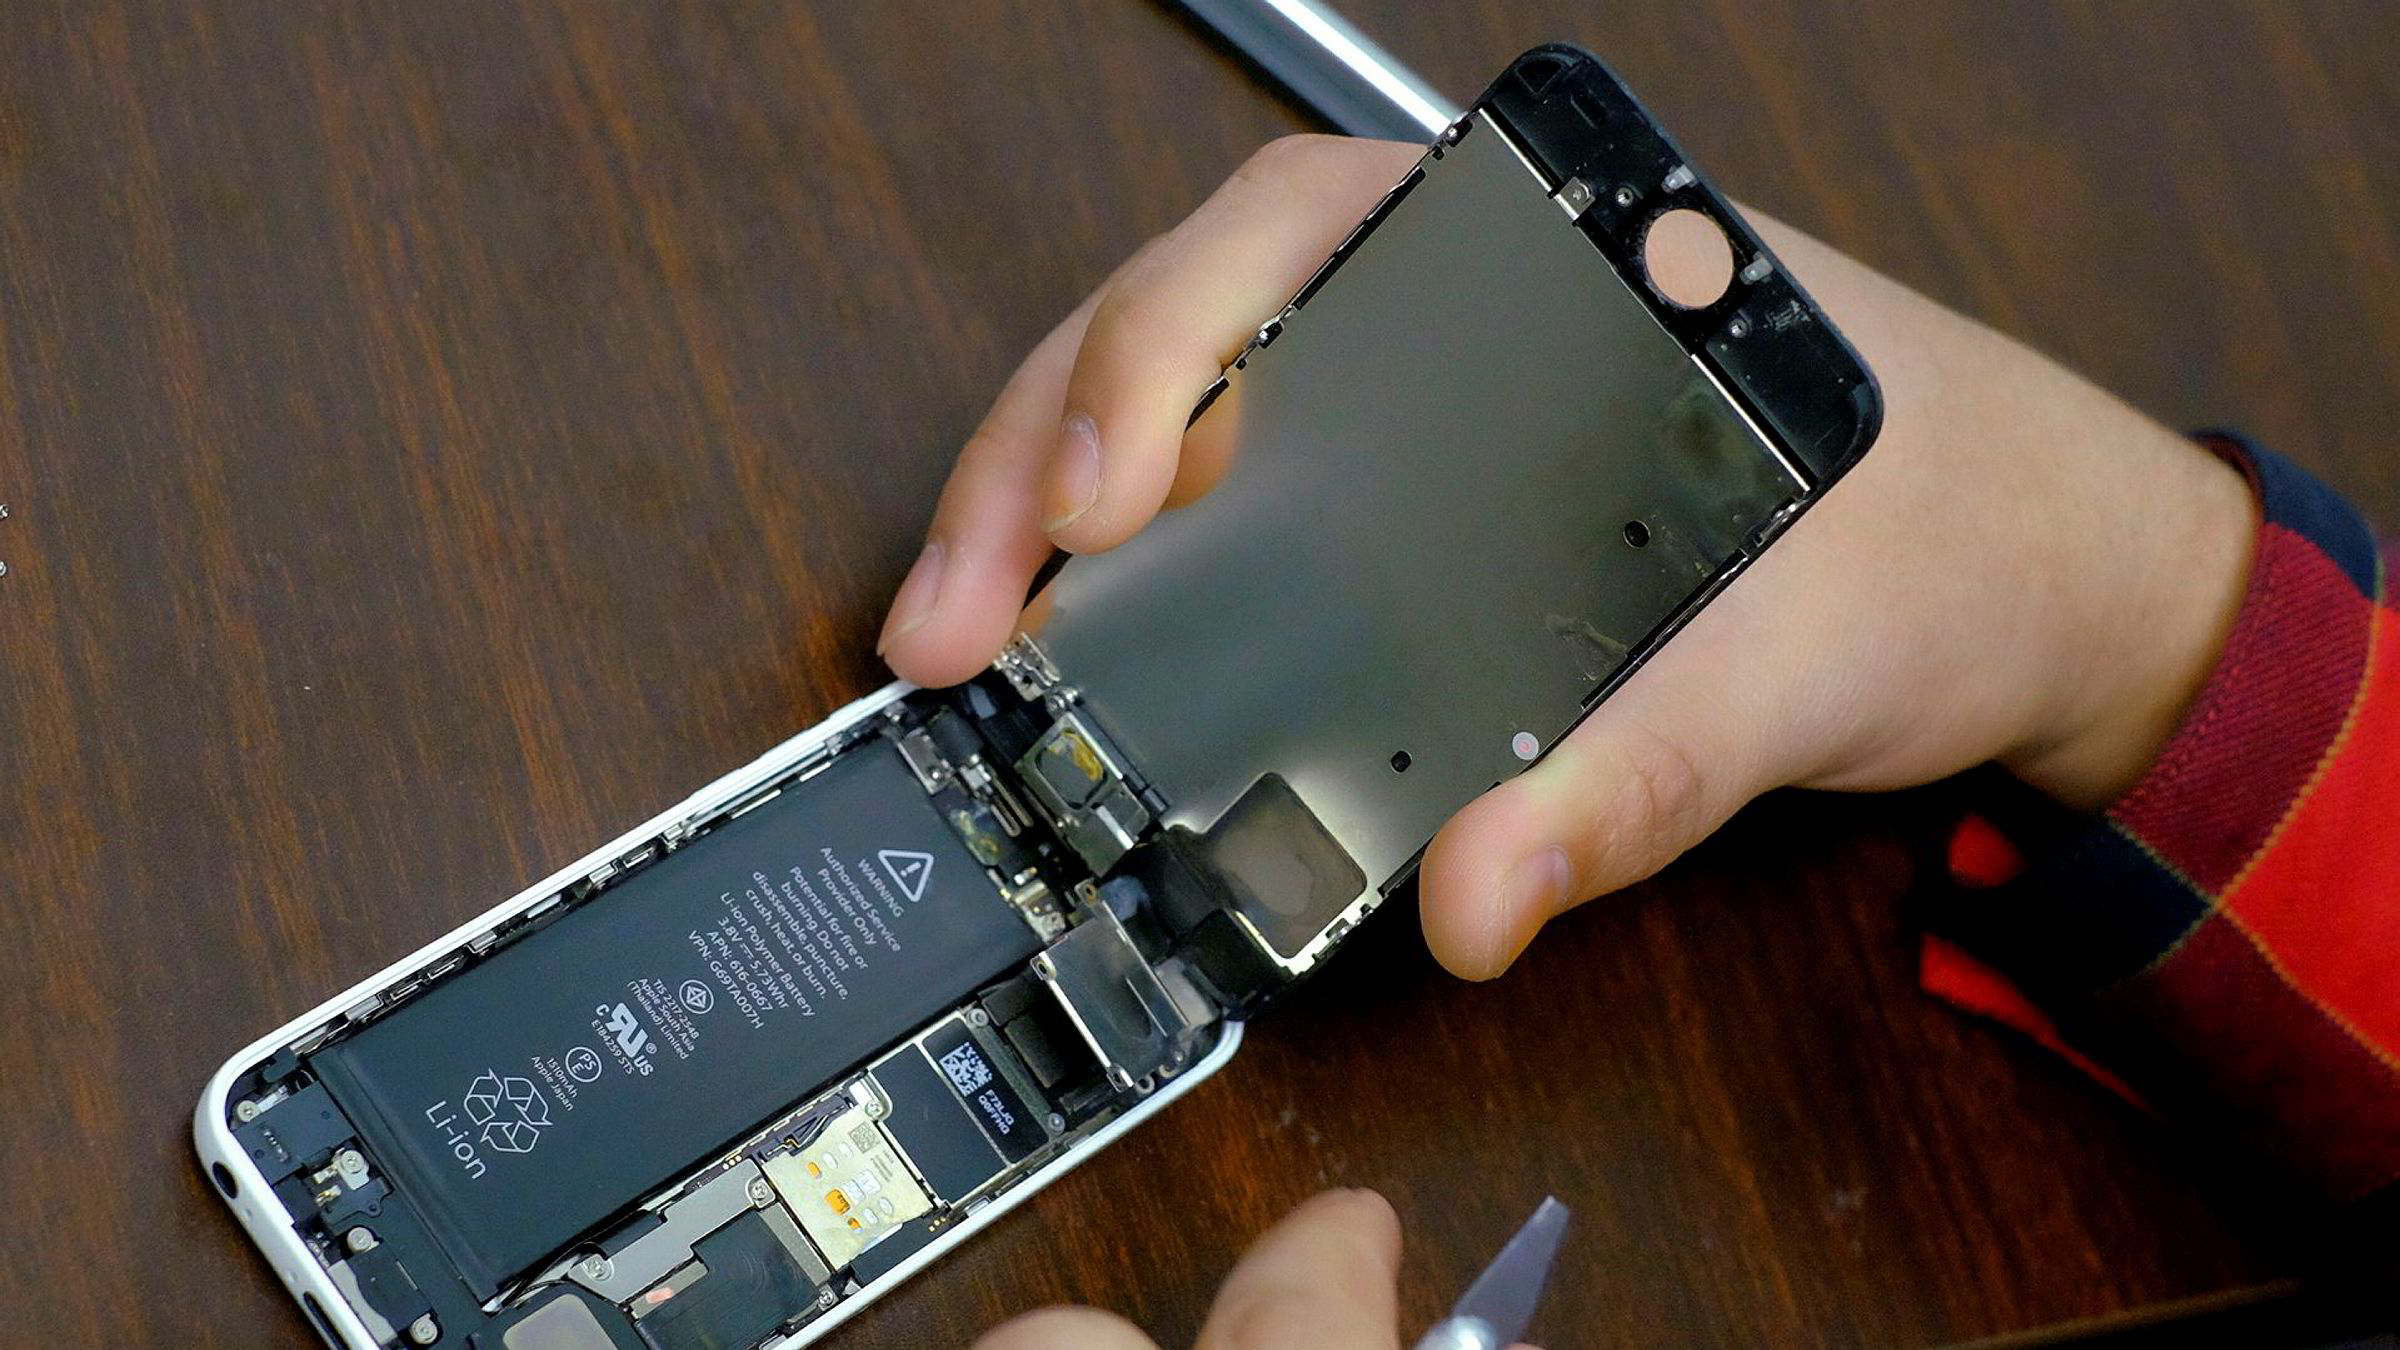 Nesten alle Apple-produkter er sårbare for de to sikkerhetshullene som er avdekket hos databrikkeprodusentene. Eksperter frykter hackerangrep rettet mot smarttelefoner, nettbrett og personlige datamaskiner.